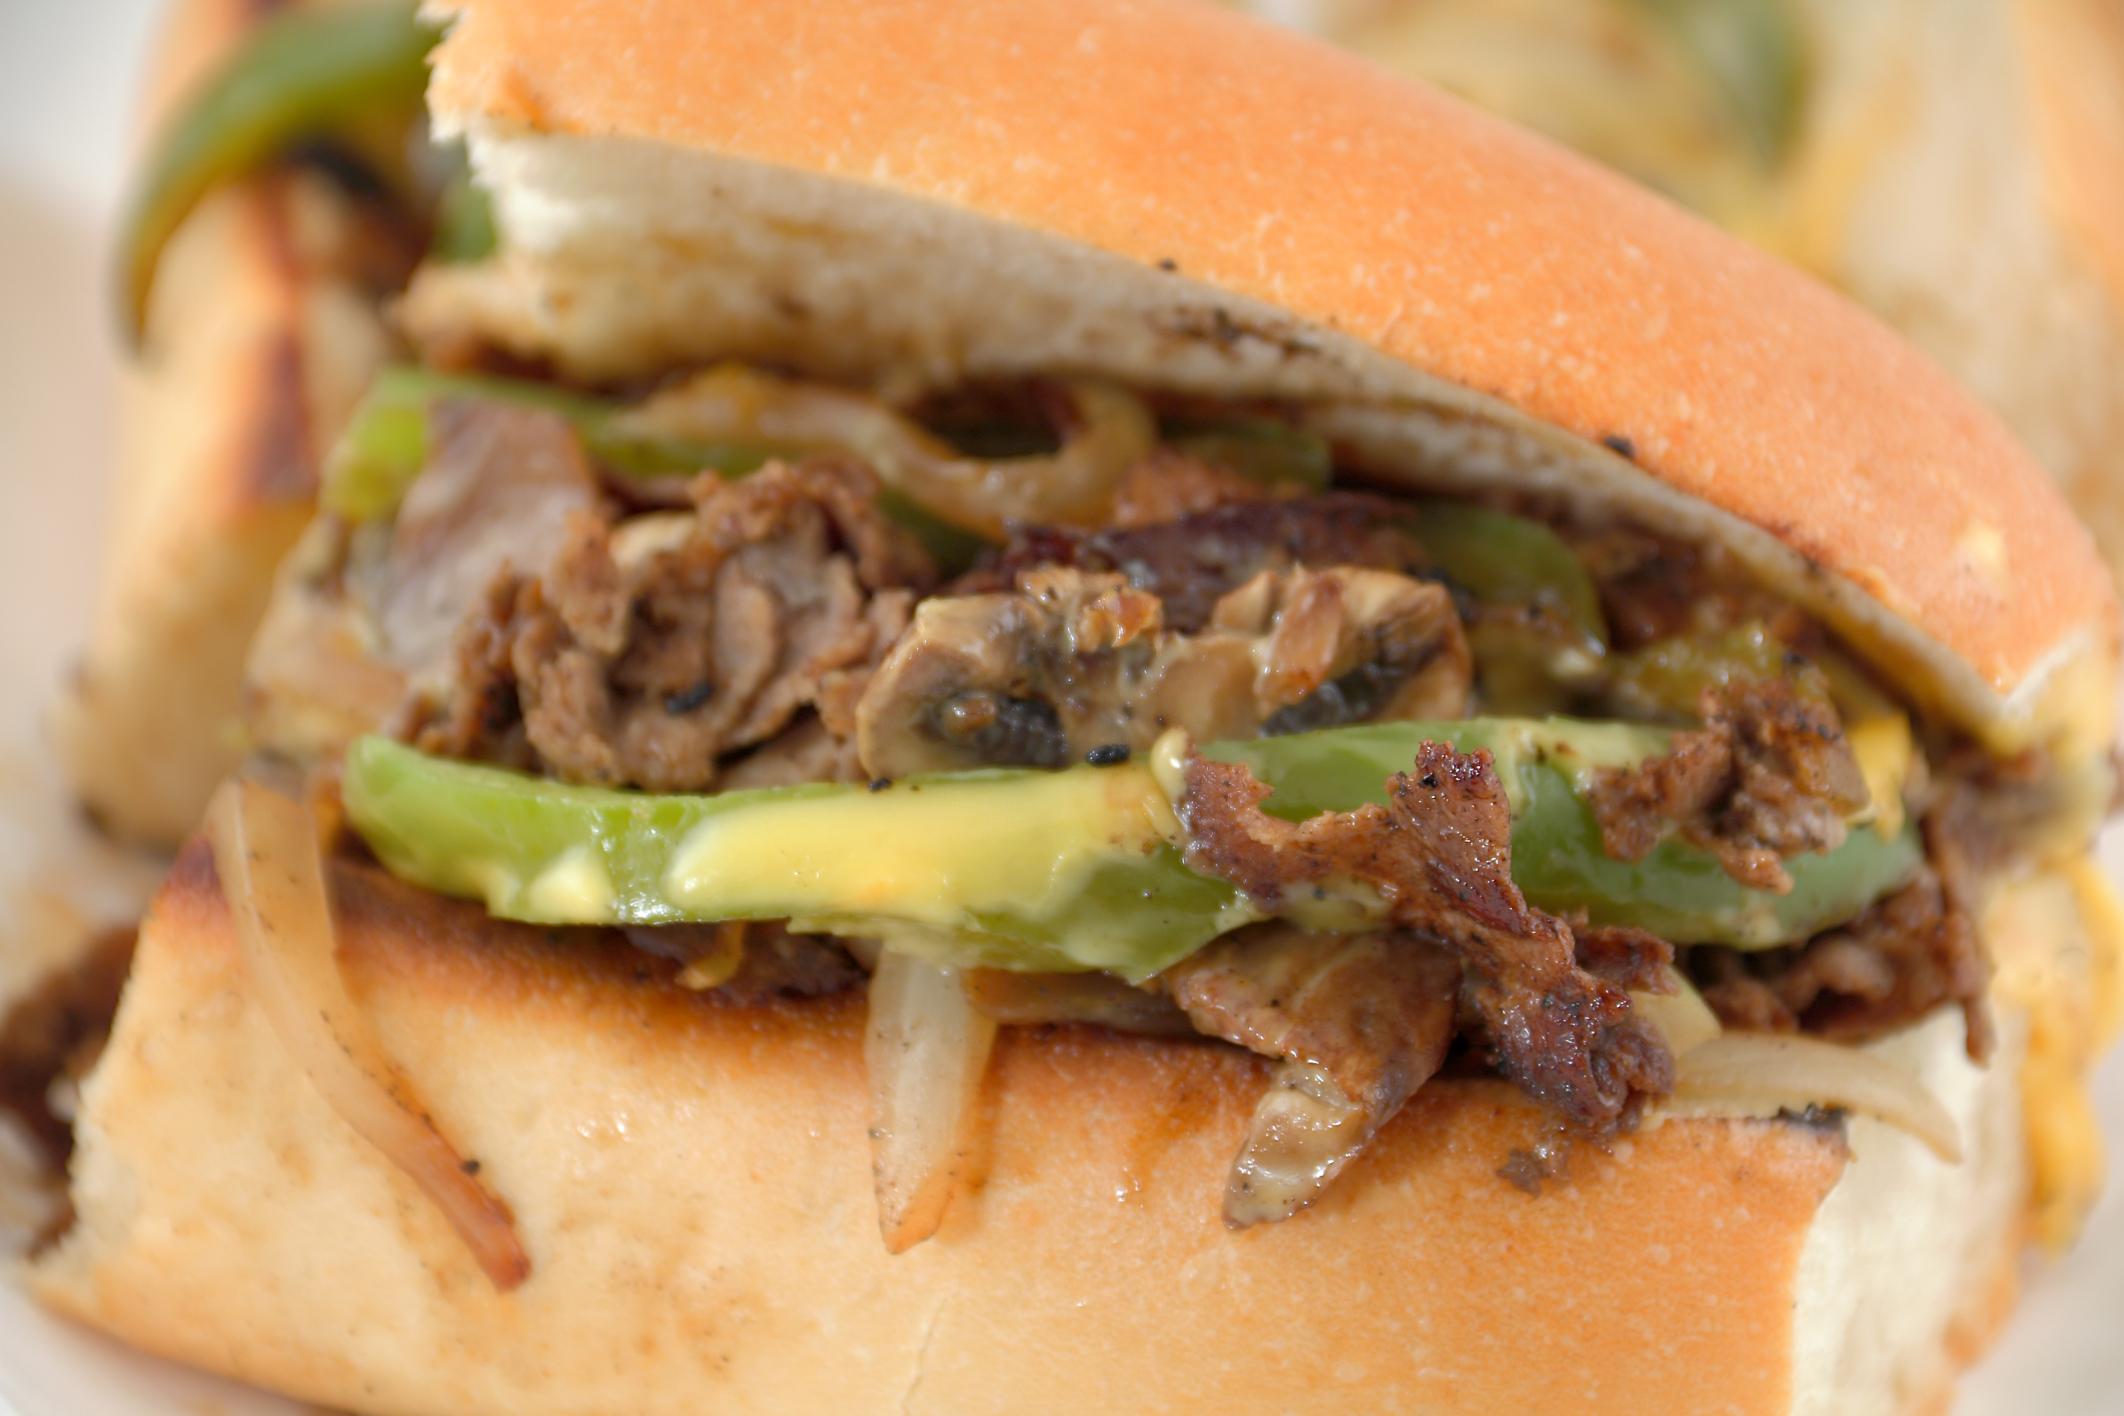 سندويش شرائح اللحم والجبن مع الفلفل والبصل (Thinkstock)